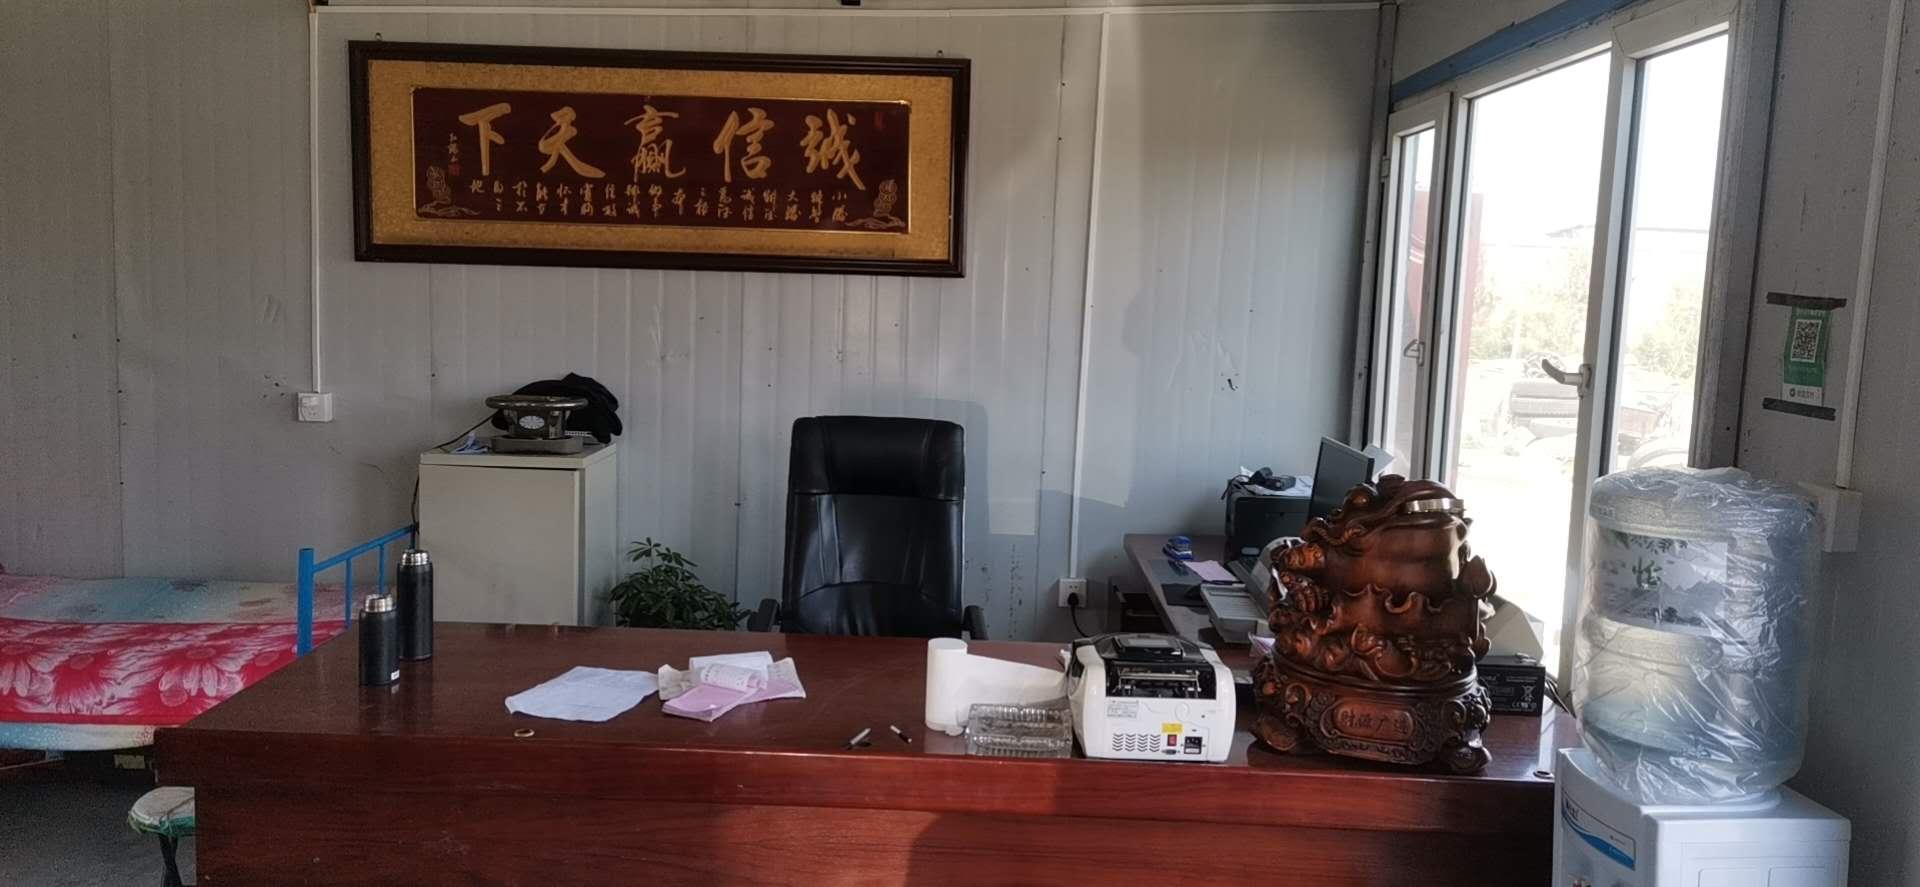 内蒙古金属必威体育betway360公司办公环境